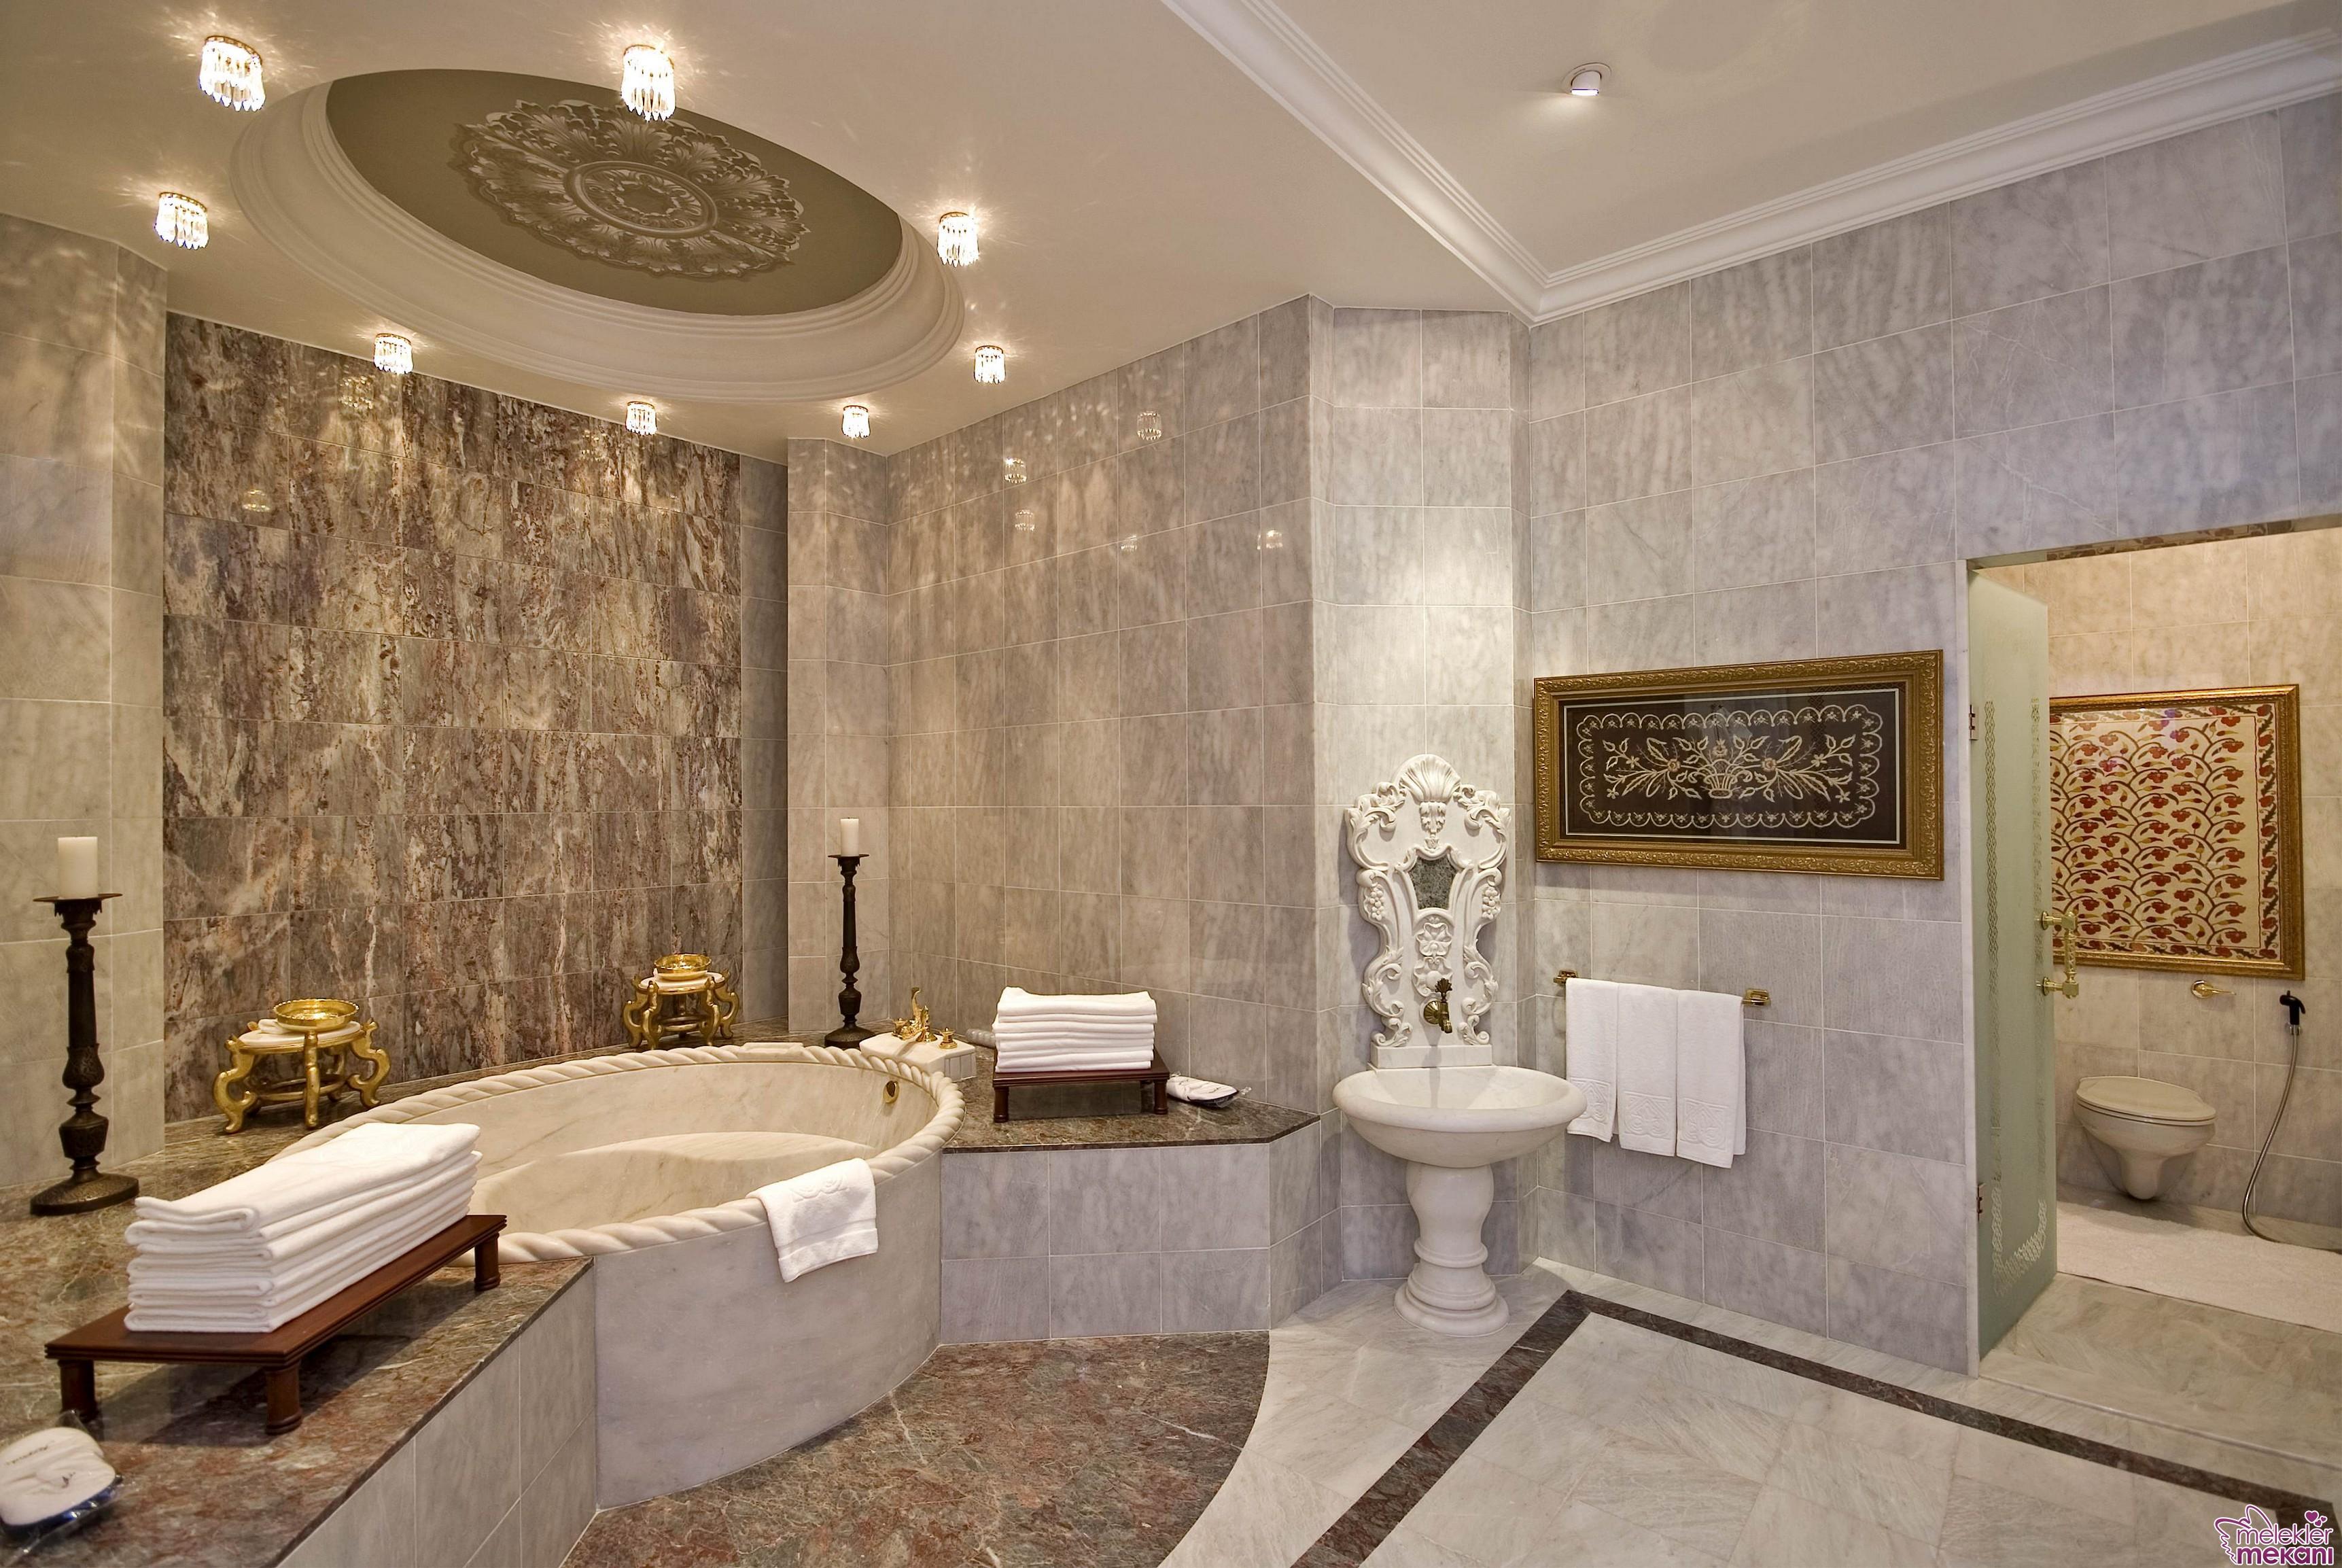 Gösterişli banyo dekore ederken dilerseniz hamama tarzı banyo dekorasyonu önerilerinden faydalanabilirsiniz.